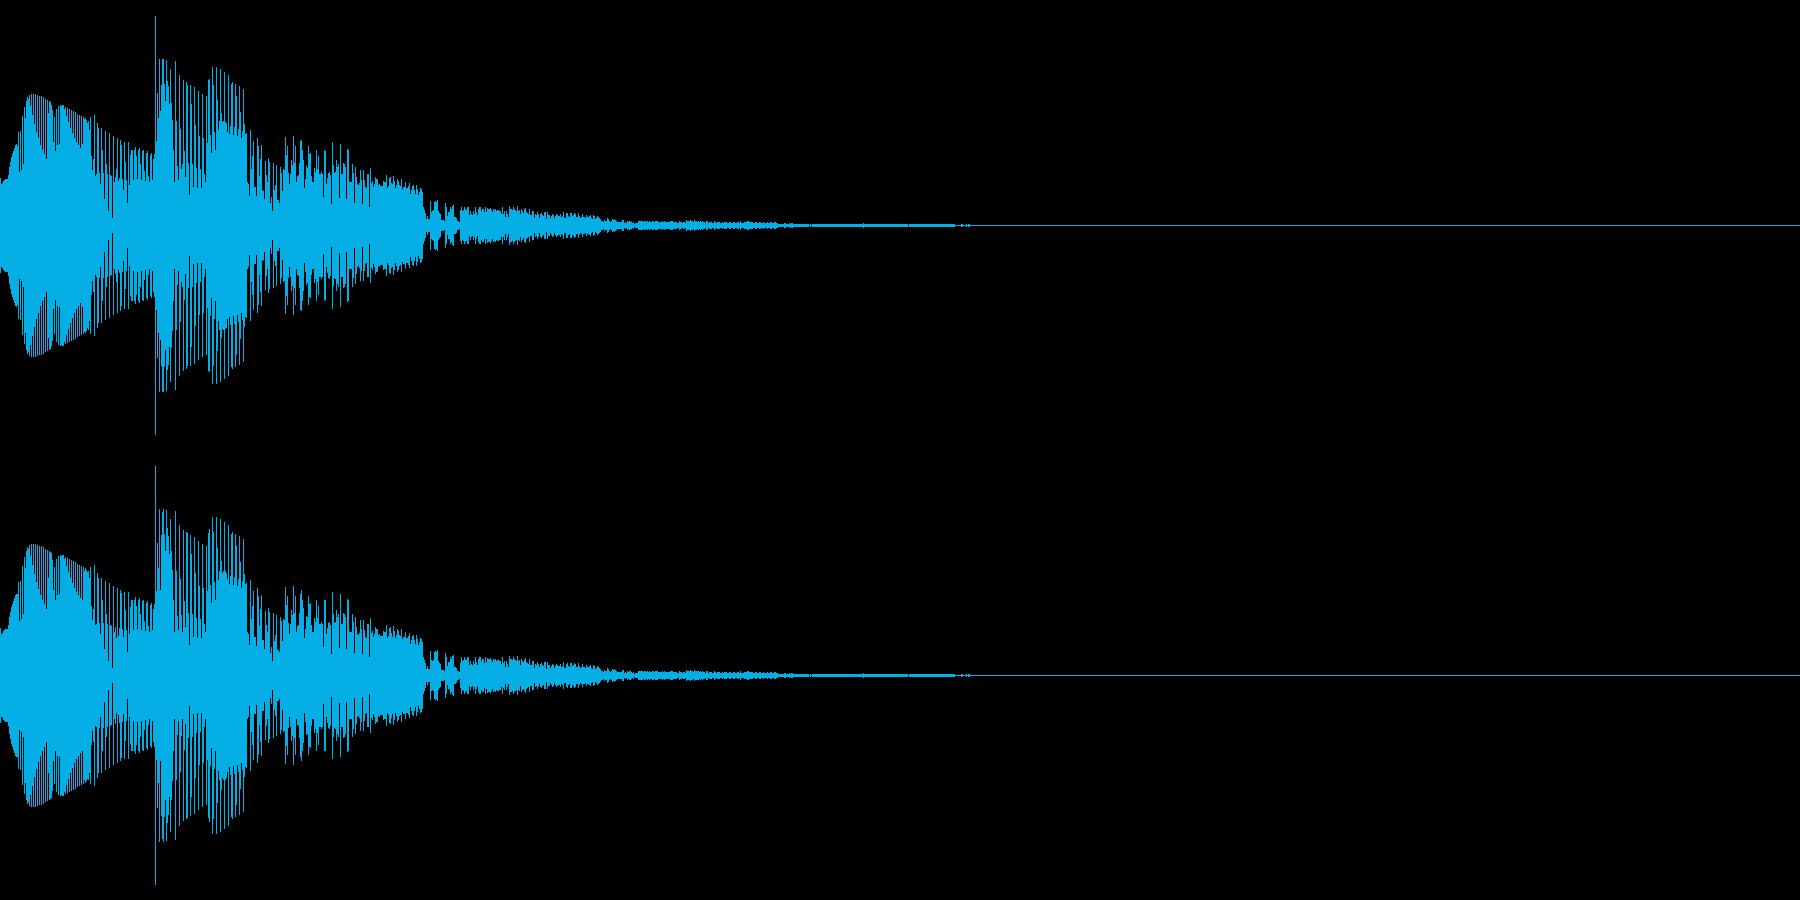 キャンセルなどのイメージのシステム効果音の再生済みの波形